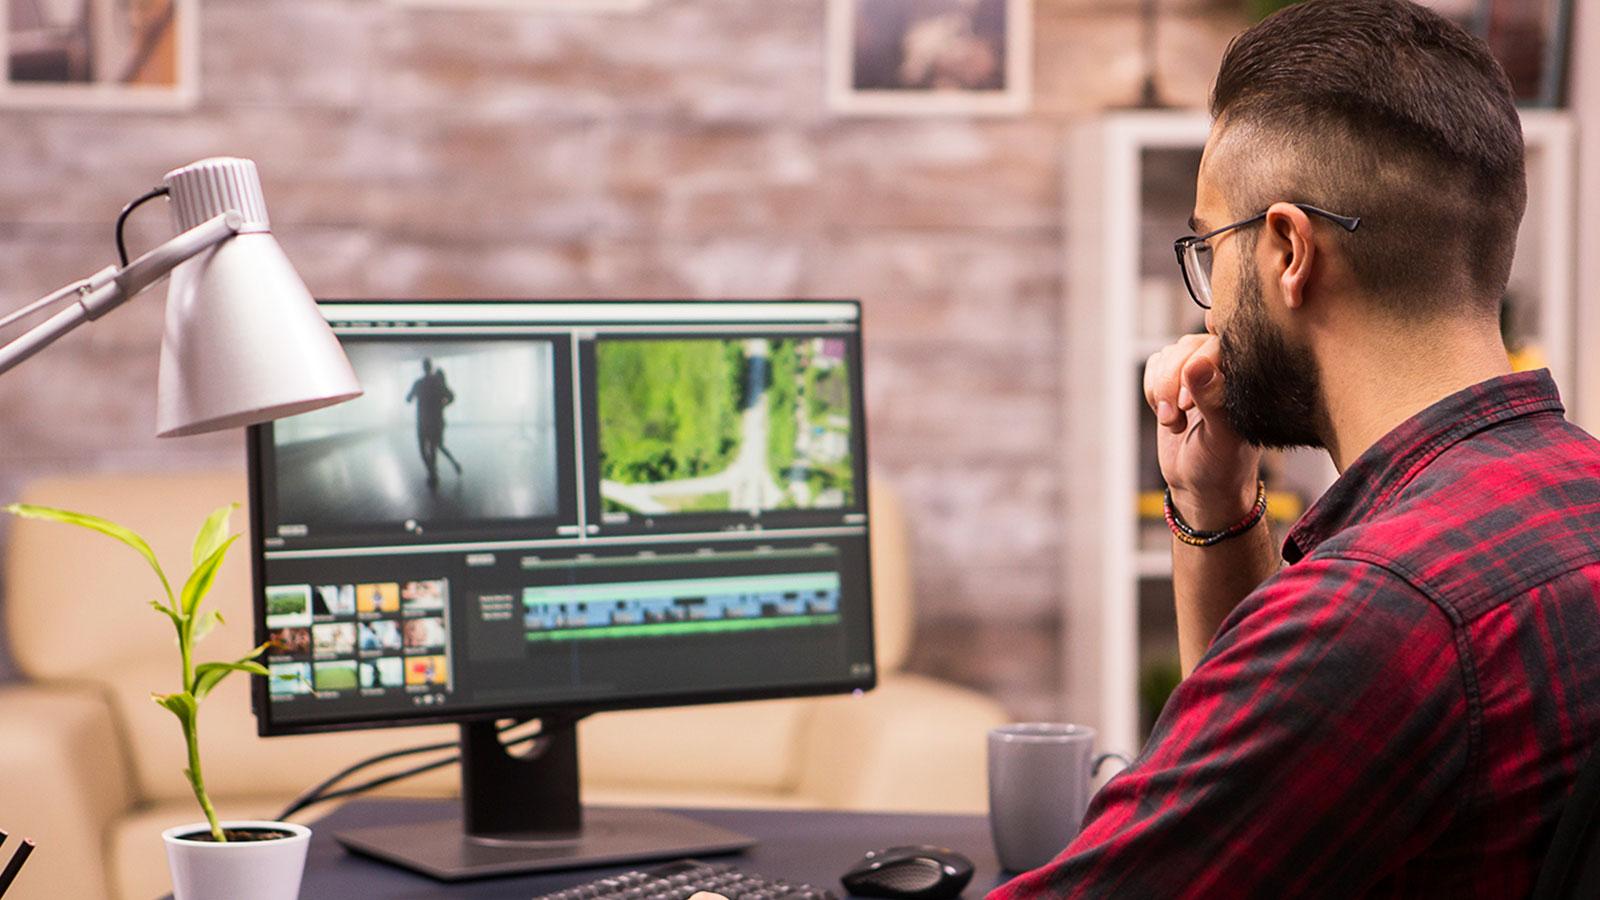 processo prod video 2 1 - Você sabe como é o processo de produção de um vídeo? Nós te ensinamos!